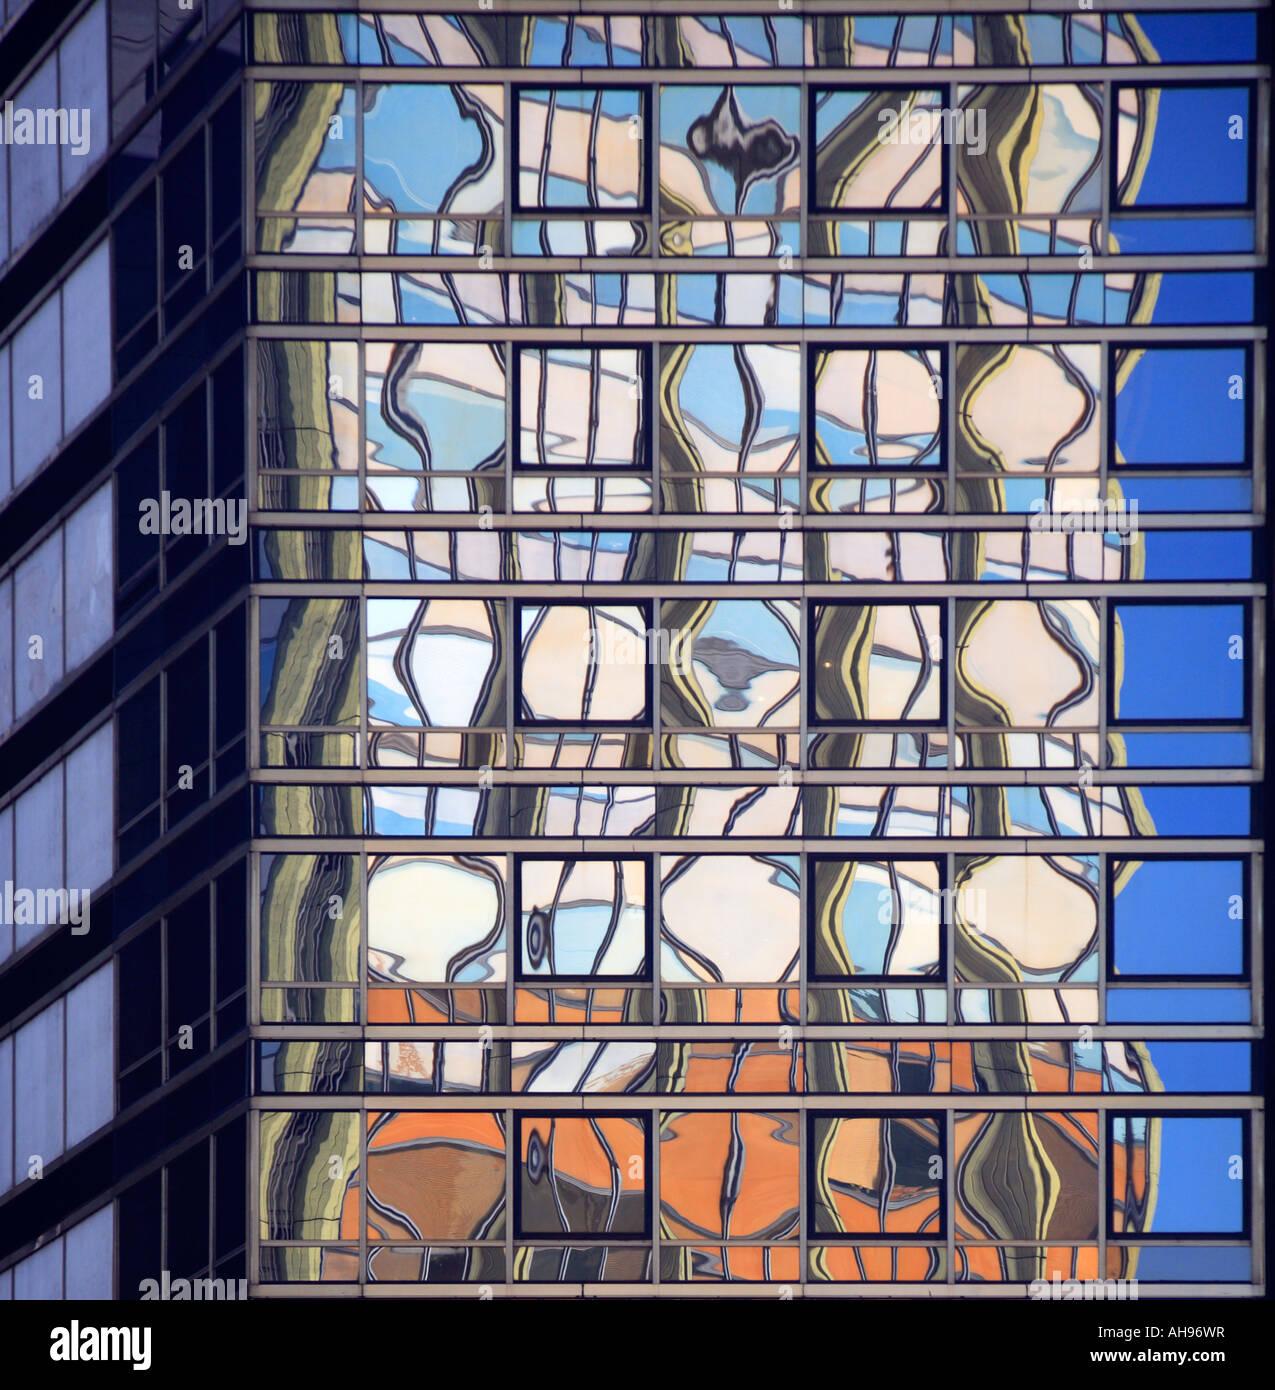 Bürogebäude Glas Reflexionen, Downtown, Buenos Aires, Argentinien Stockfoto